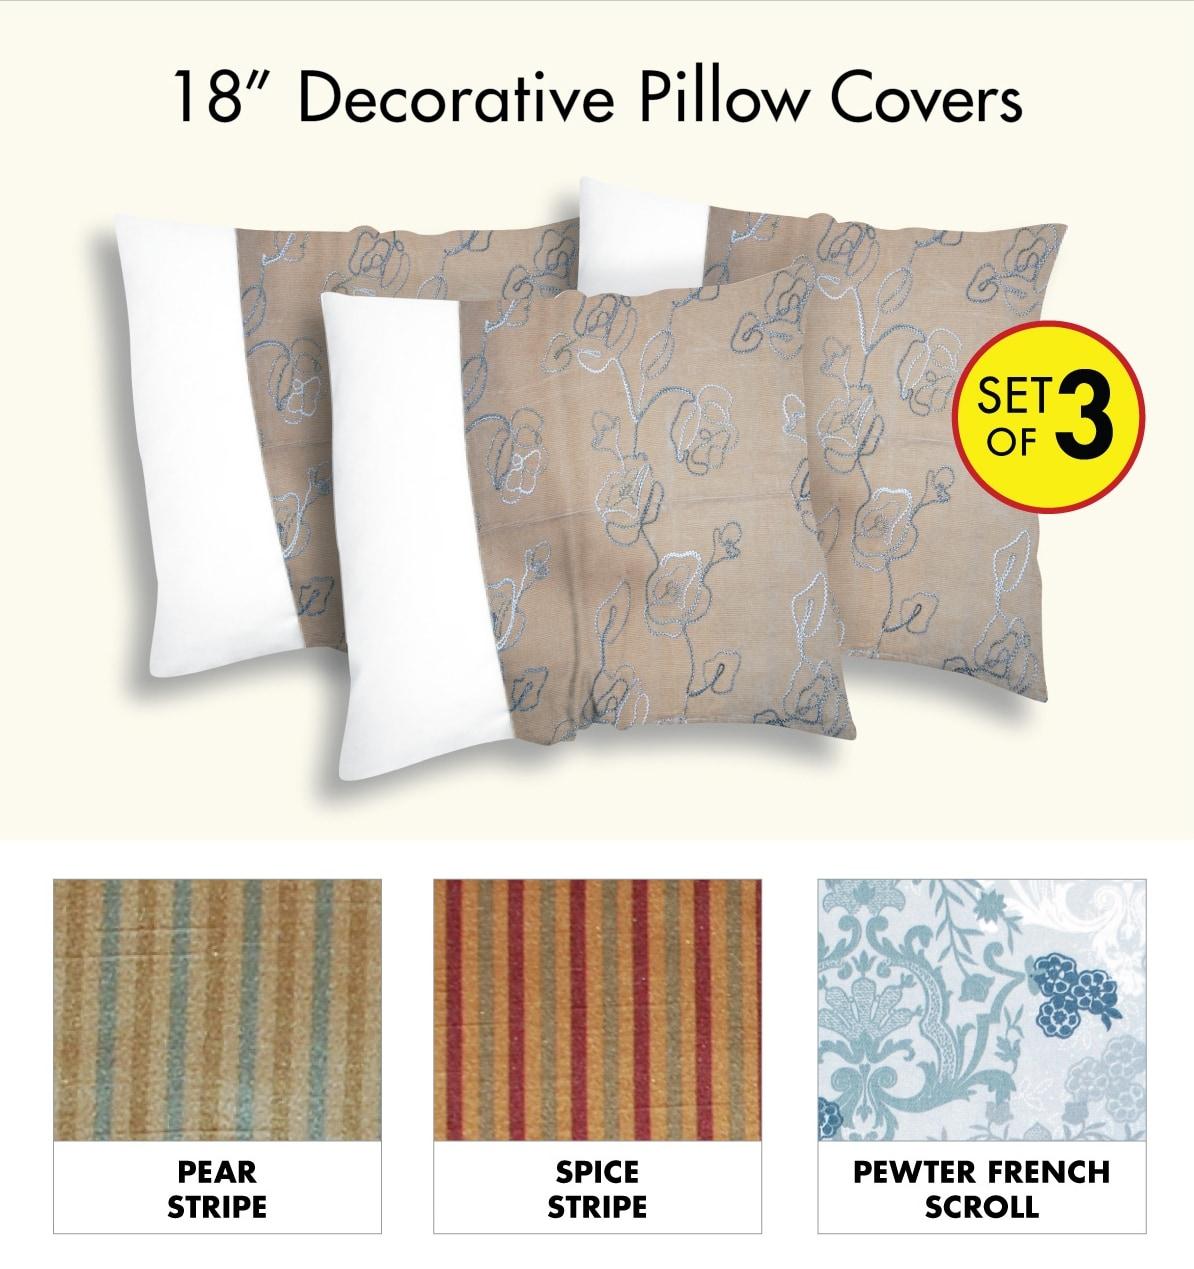 Decorative PIllow Cover (3 piece set)